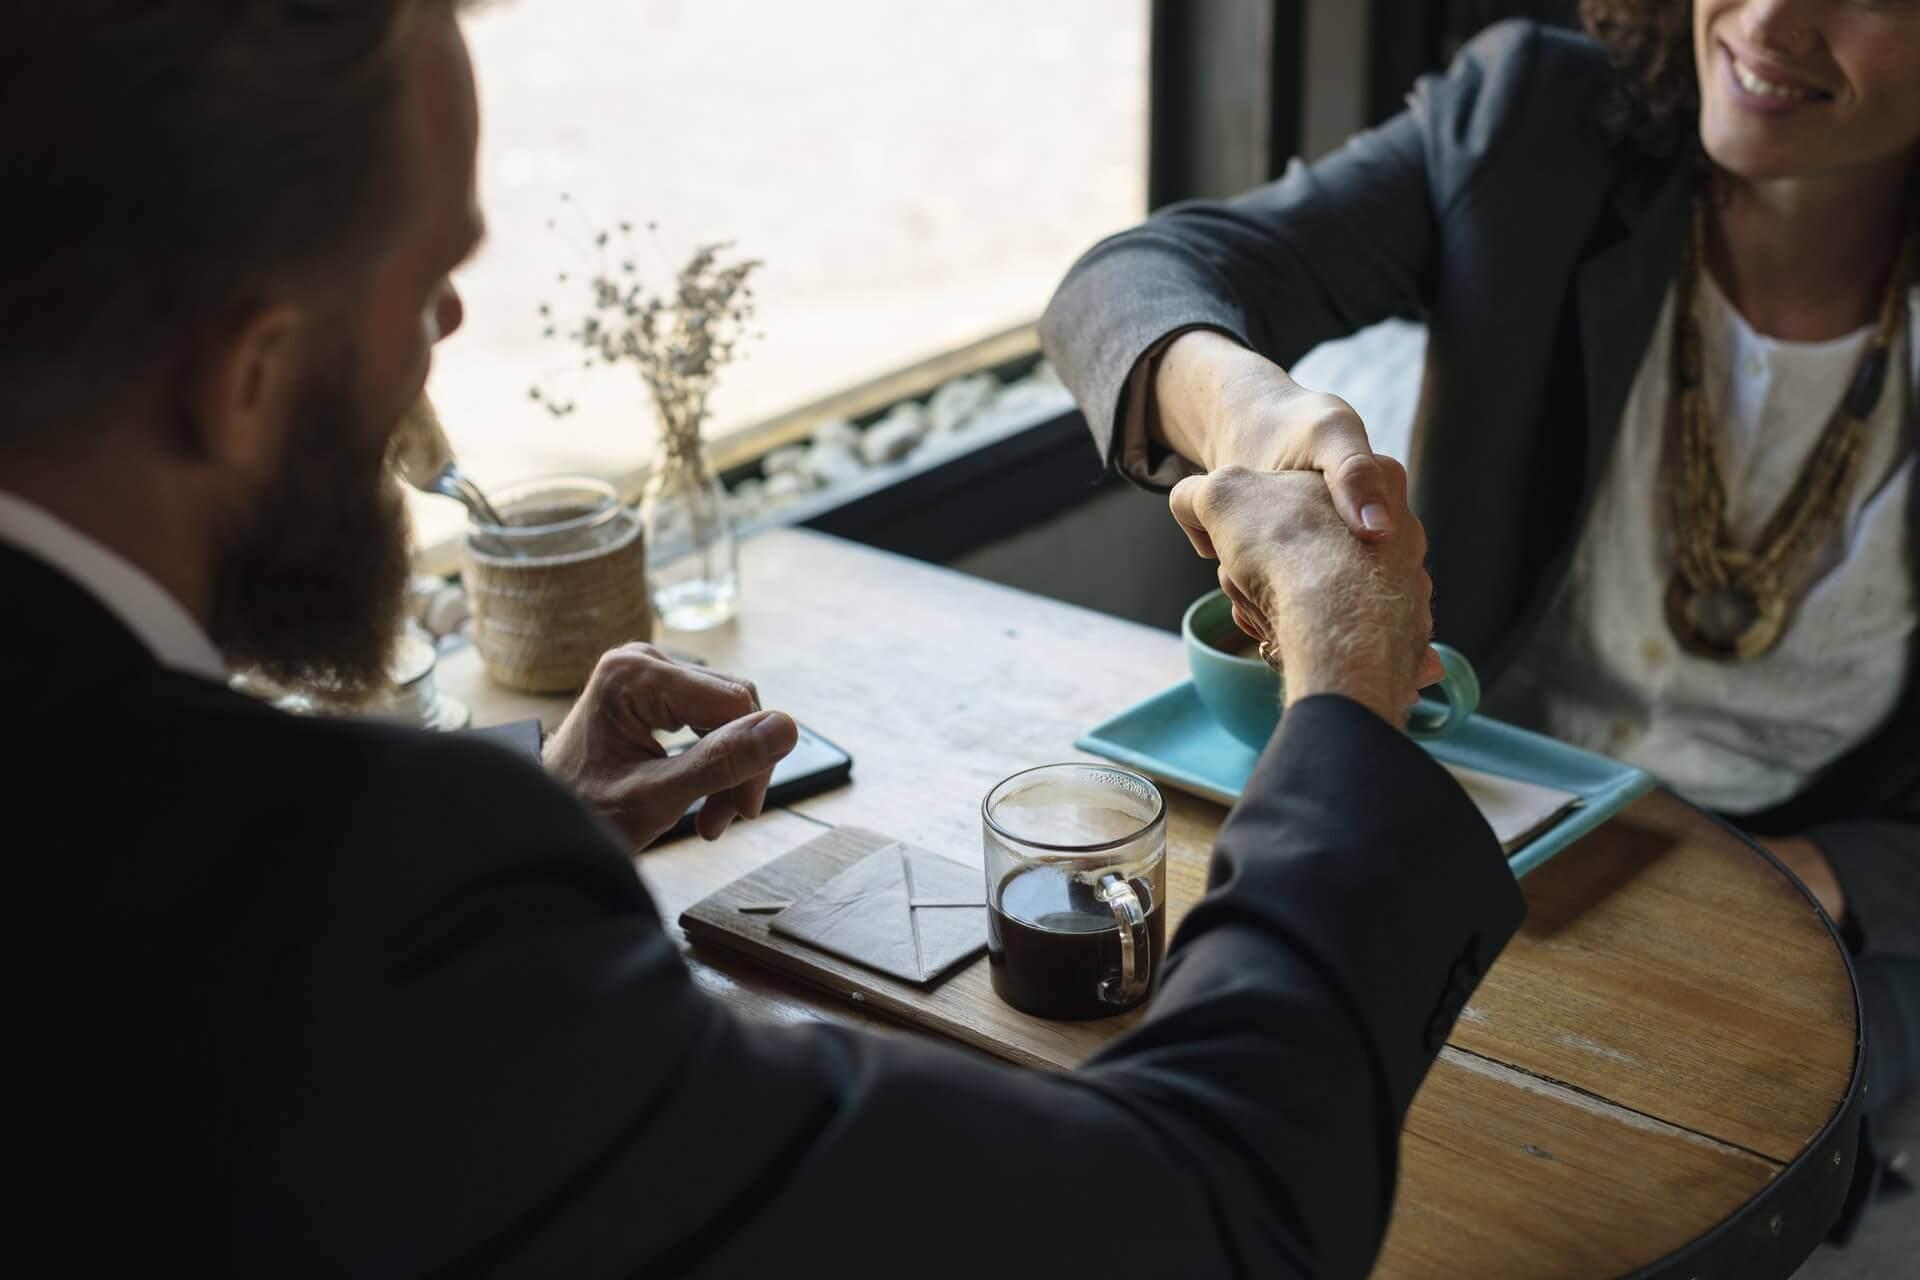 afspraken maken tijdens scheiden